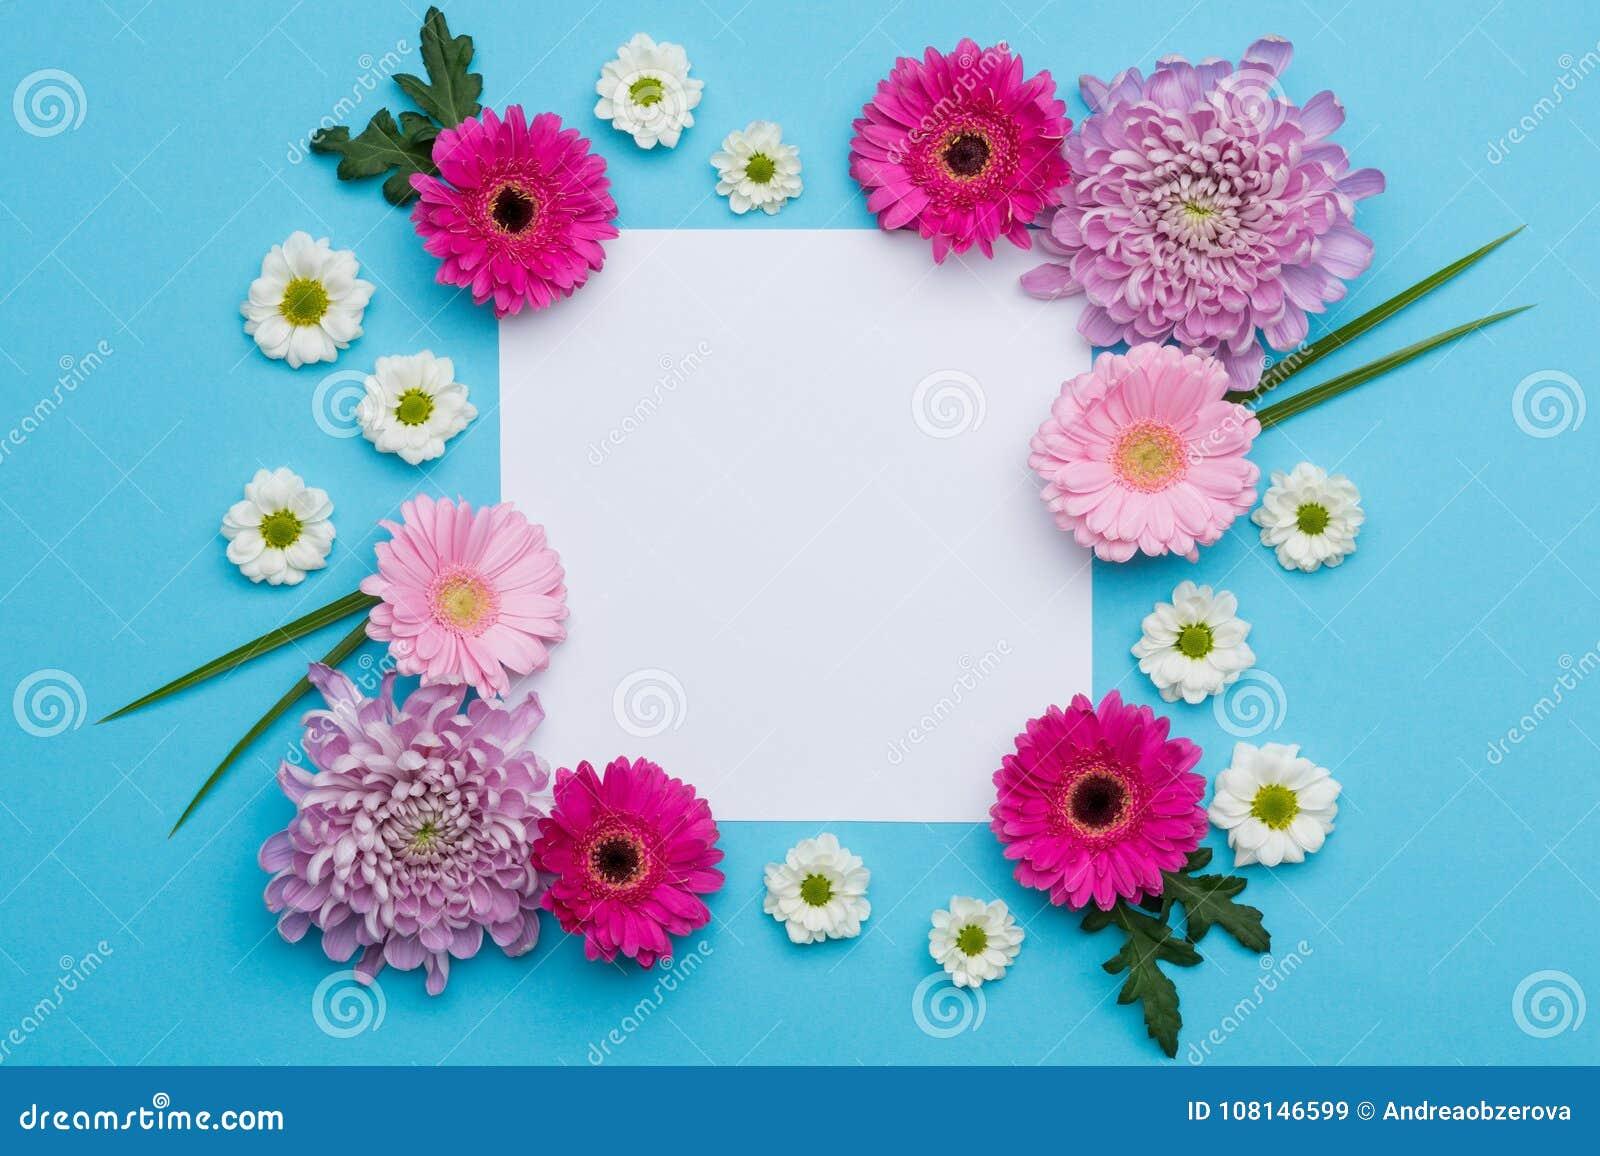 愉快的母亲` s天,妇女` s天,华伦泰` s天或生日淡色糖果上色背景 花卉舱内甲板位置贺卡